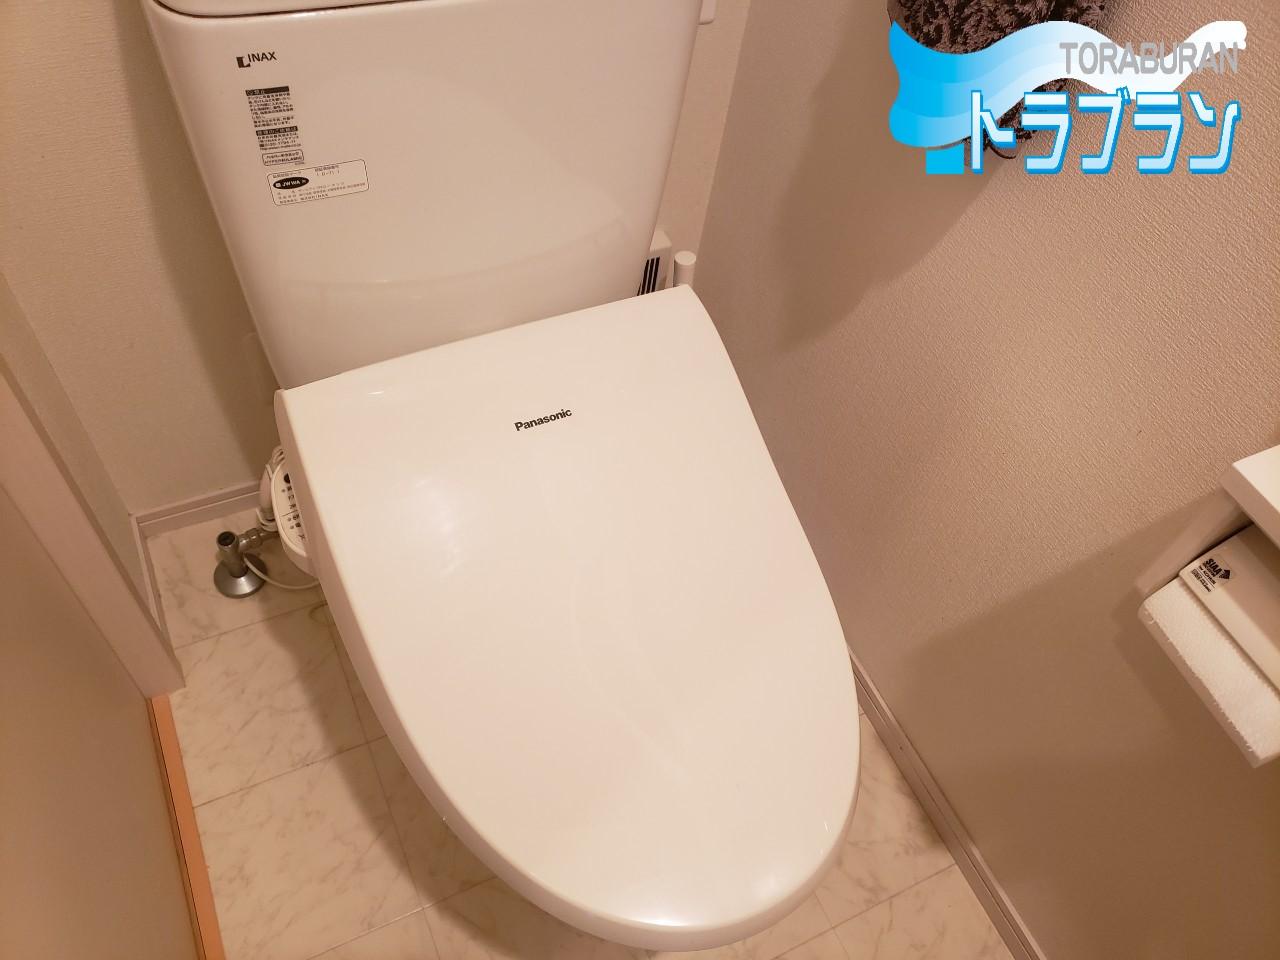 トイレ 便座 交換 工事 LIXIL リフォーム トラブラン